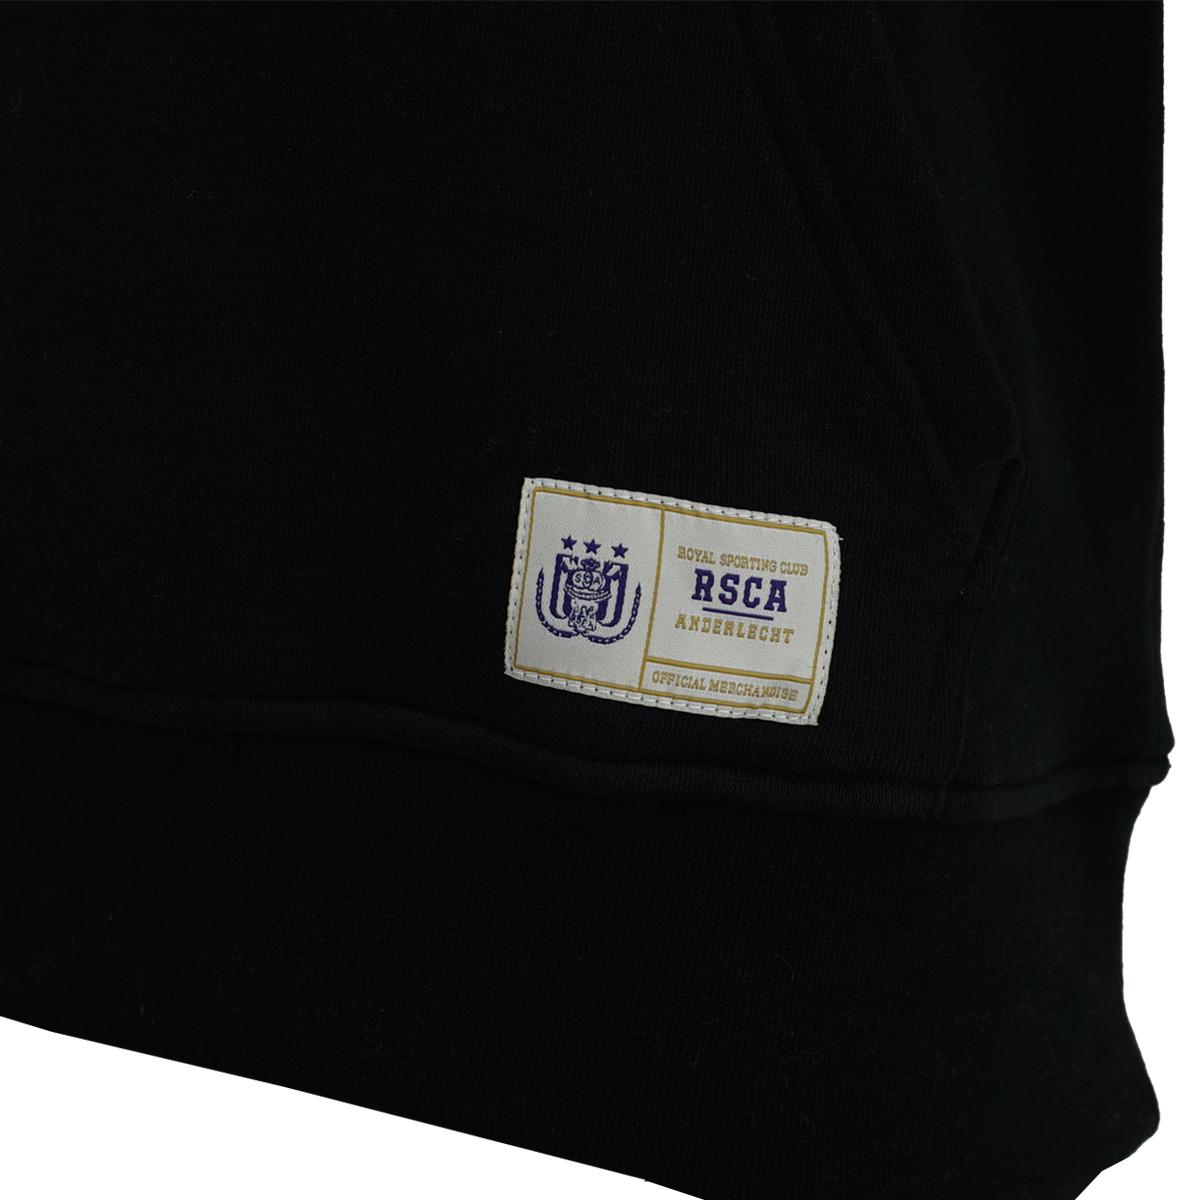 RSCA Sweater Met Kap Heren Dual Level Print